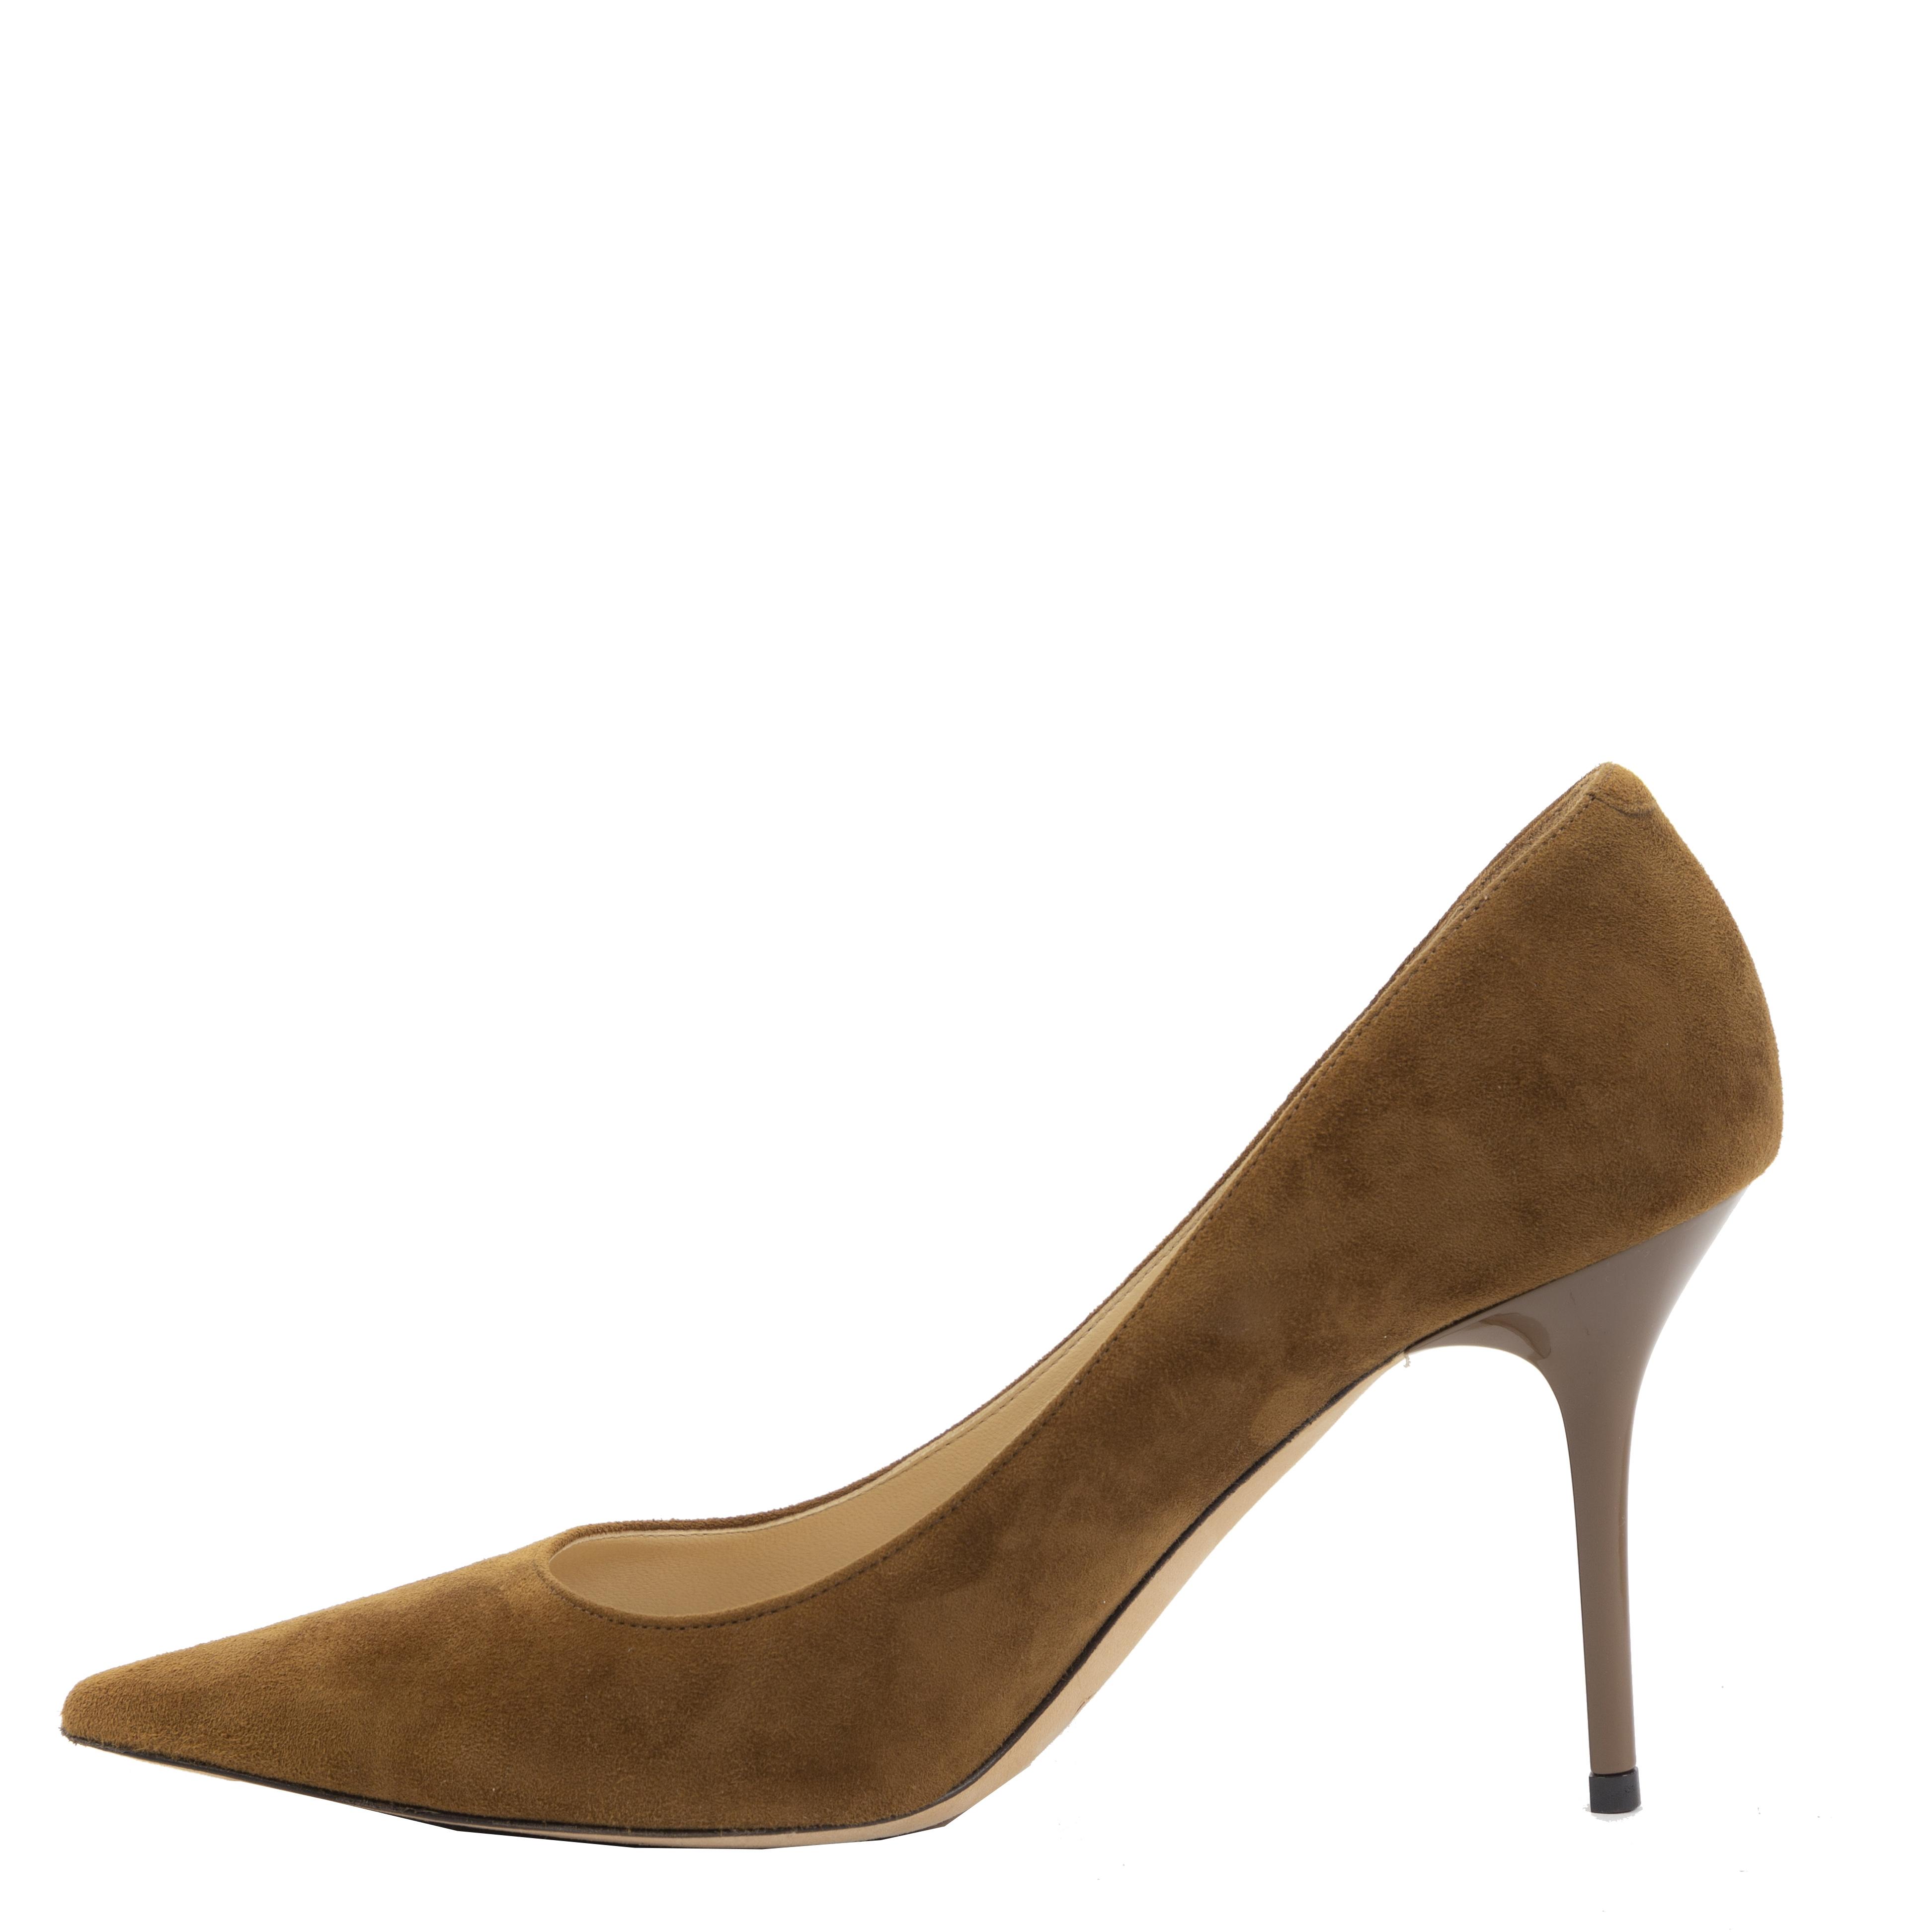 Authentieke Tweedehands Jimmy Choo Brown Suede Agnes Pumps juiste prijs veilig online shoppen luxe merken webshop winkelen Antwerpen België mode fashion